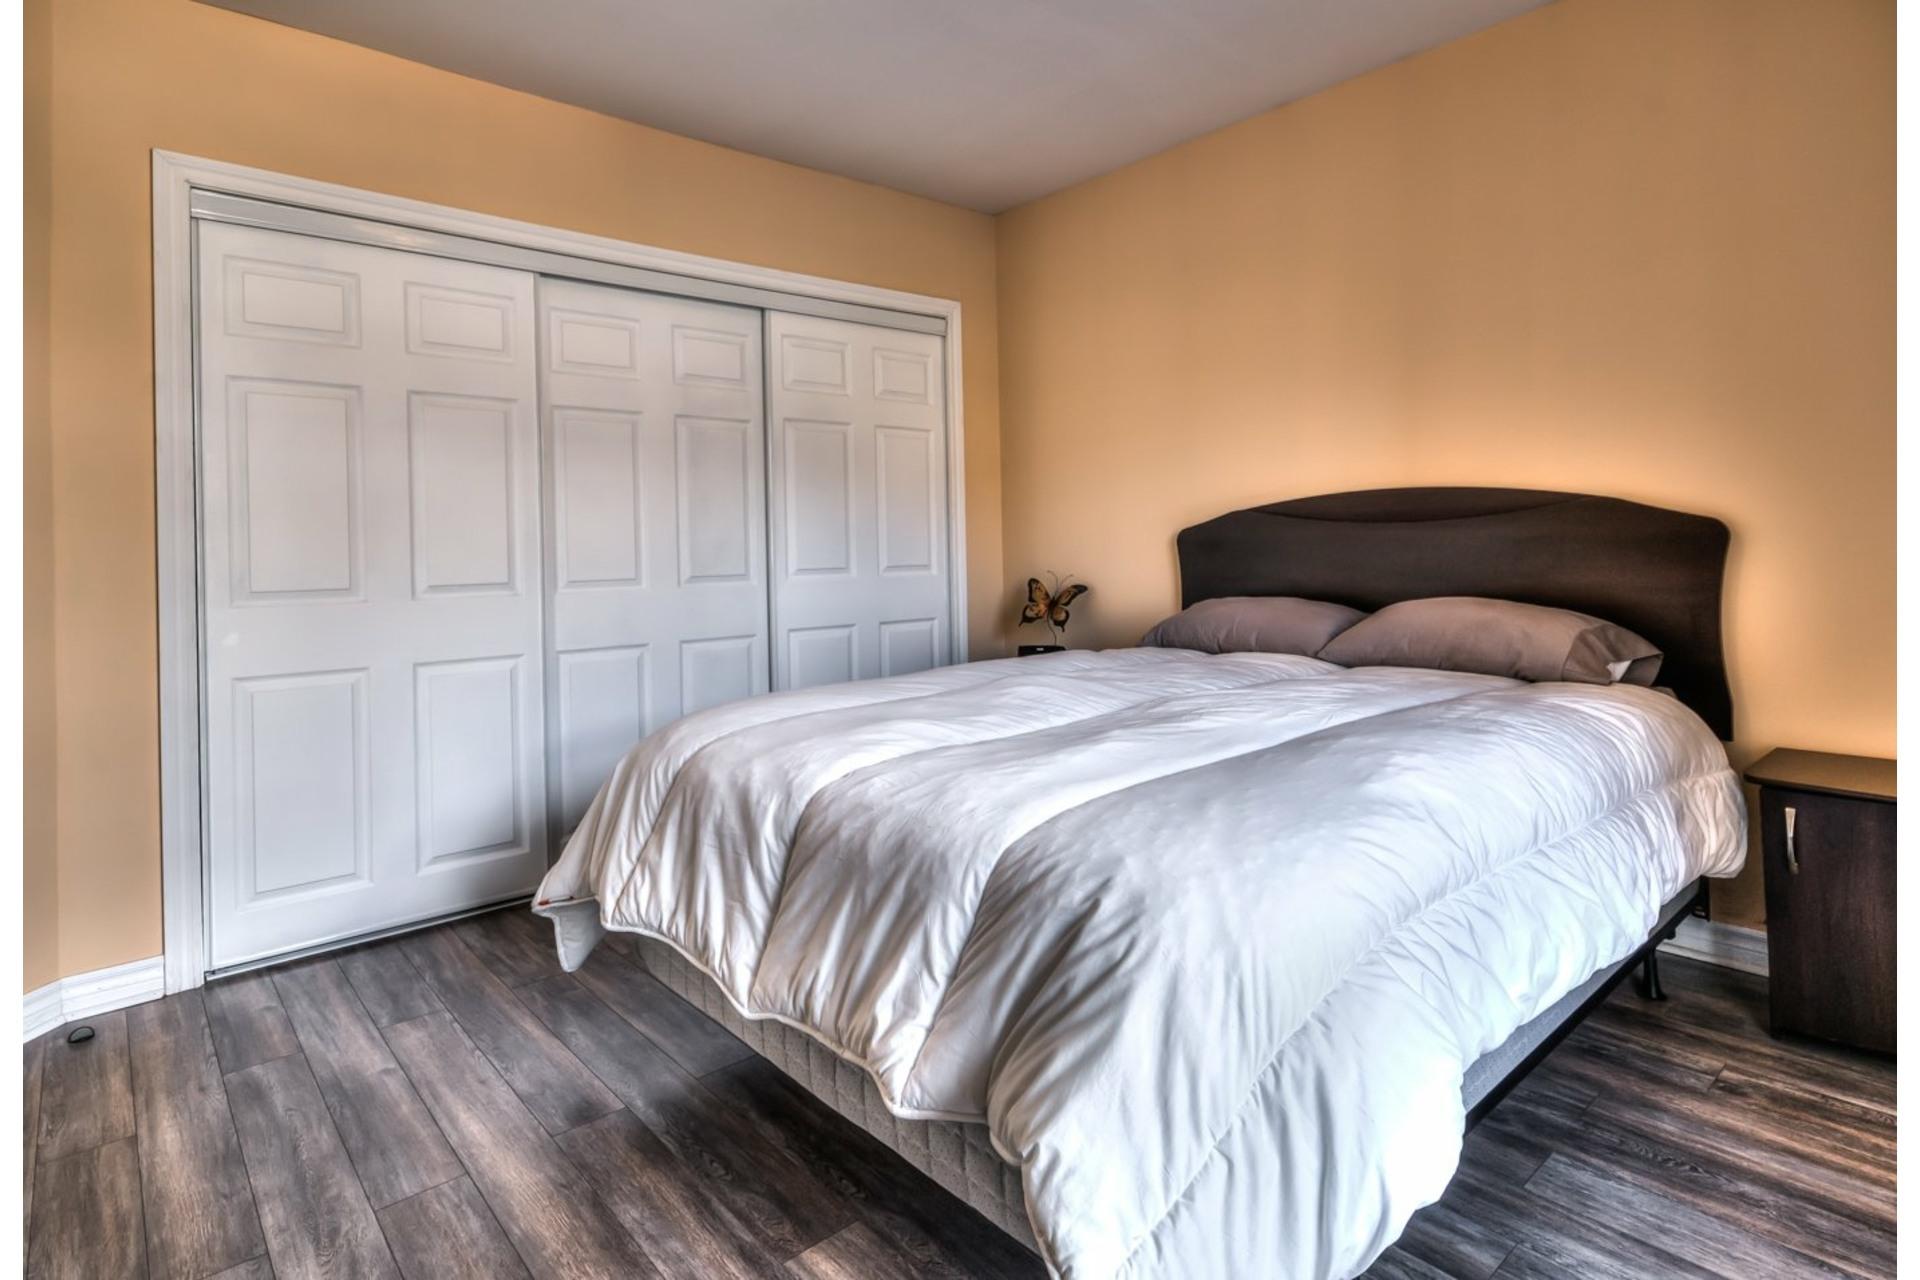 image 13 - Appartement À vendre Brossard - 5 pièces